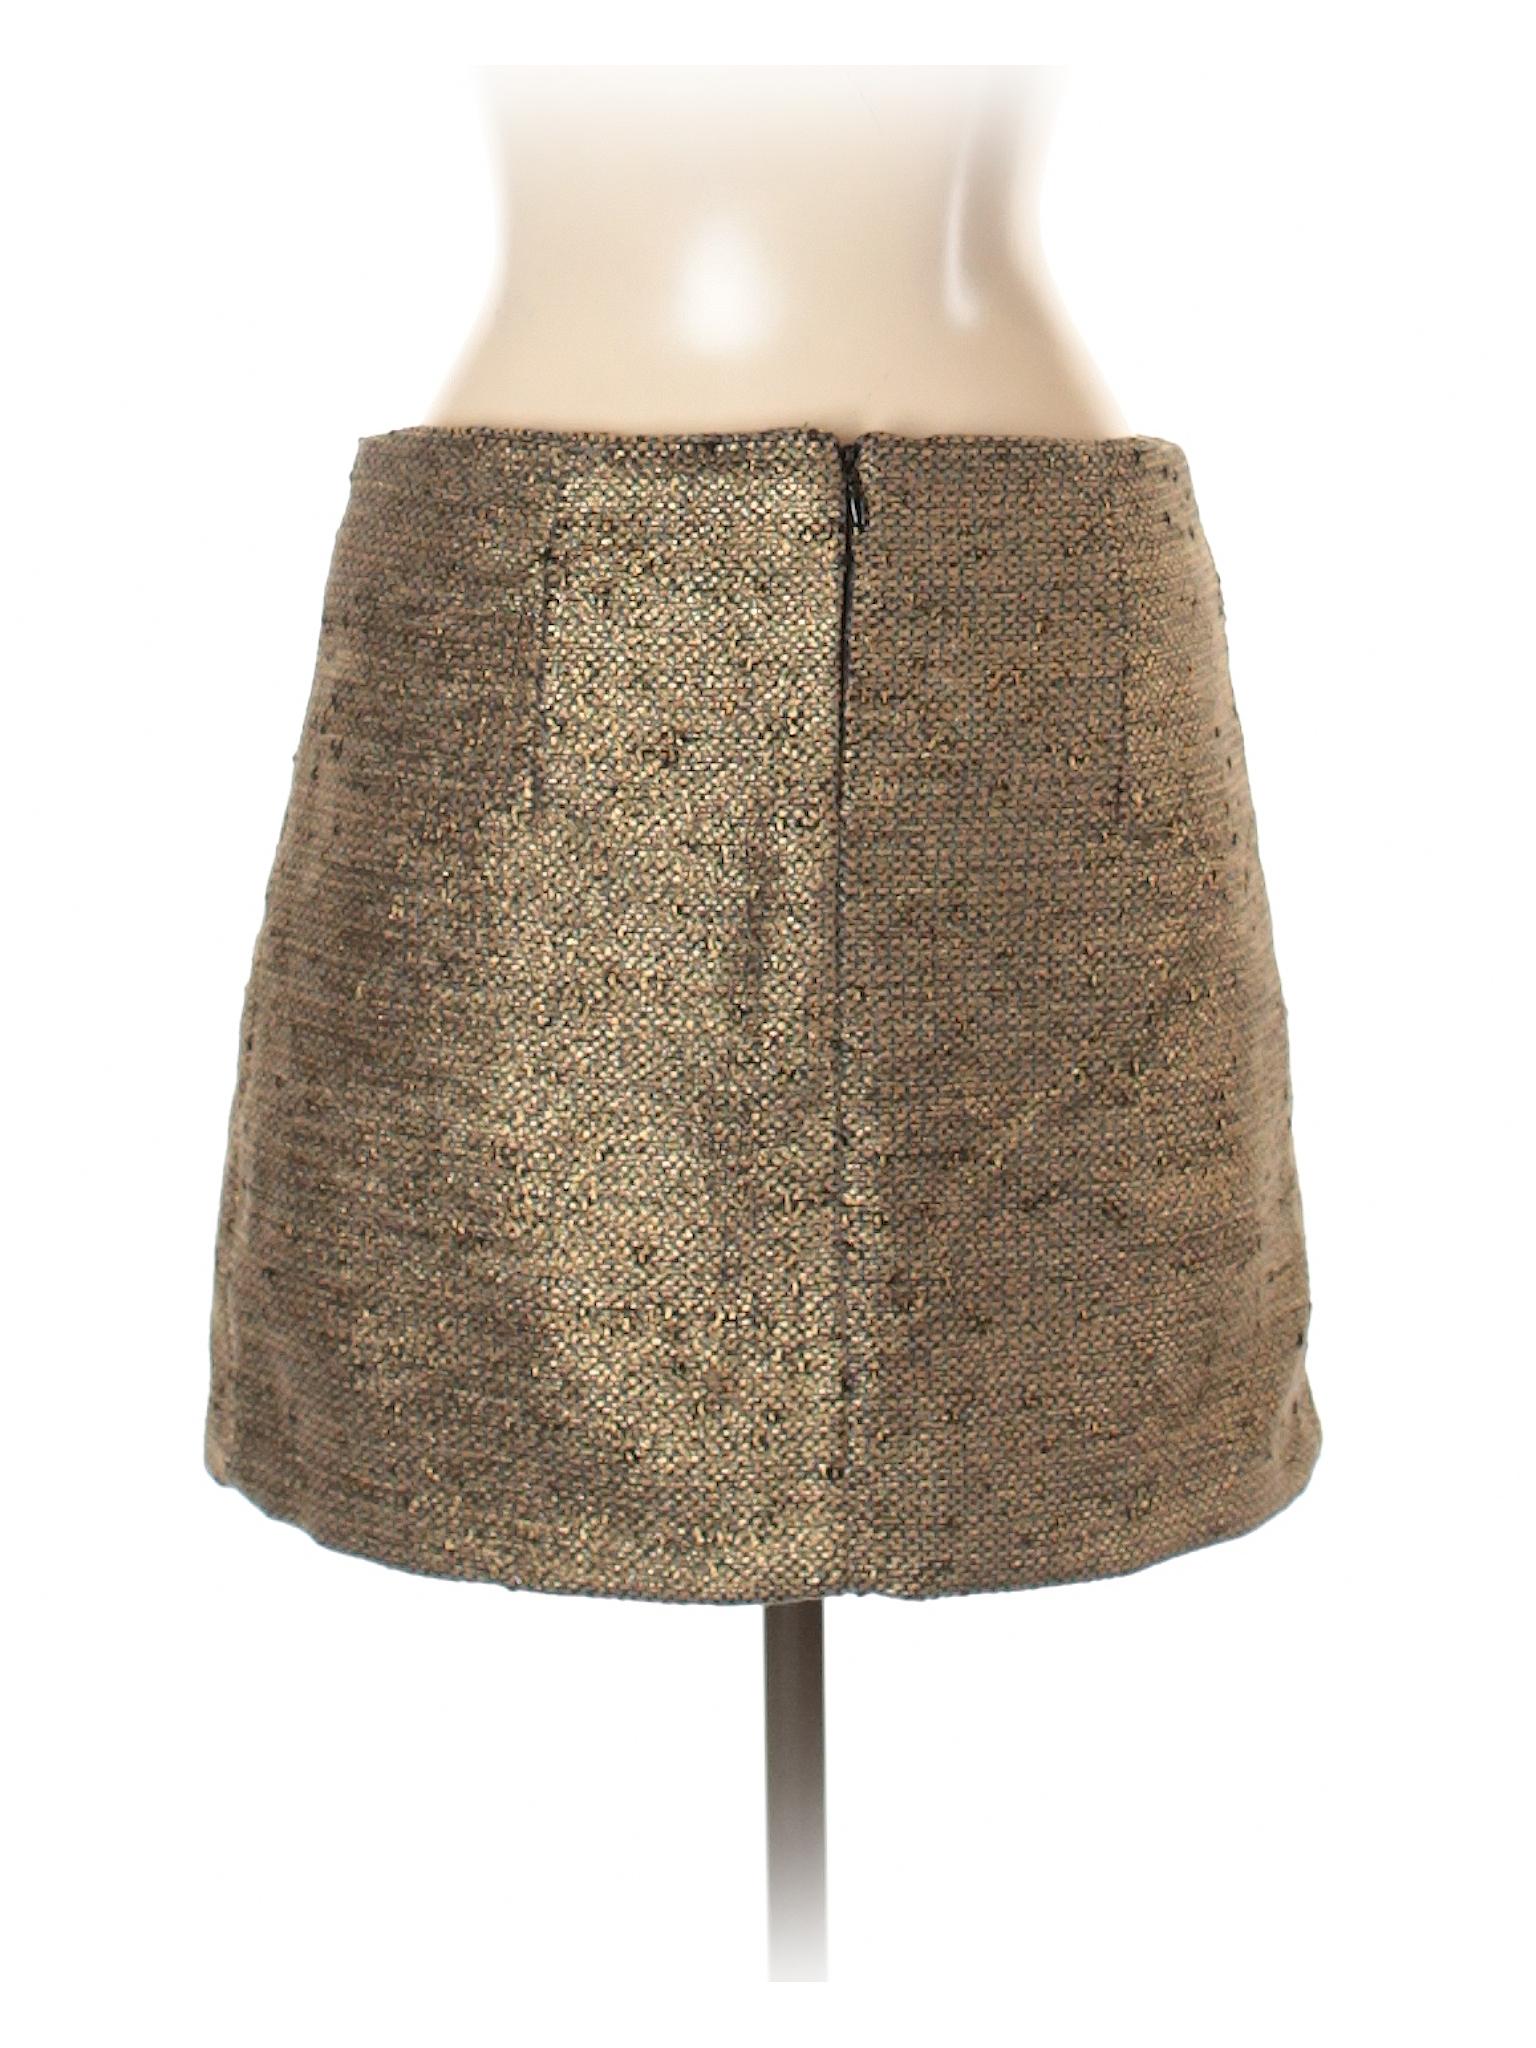 Boutique Formal Skirt Skirt Skirt Boutique Formal Formal Boutique wxqavwUp